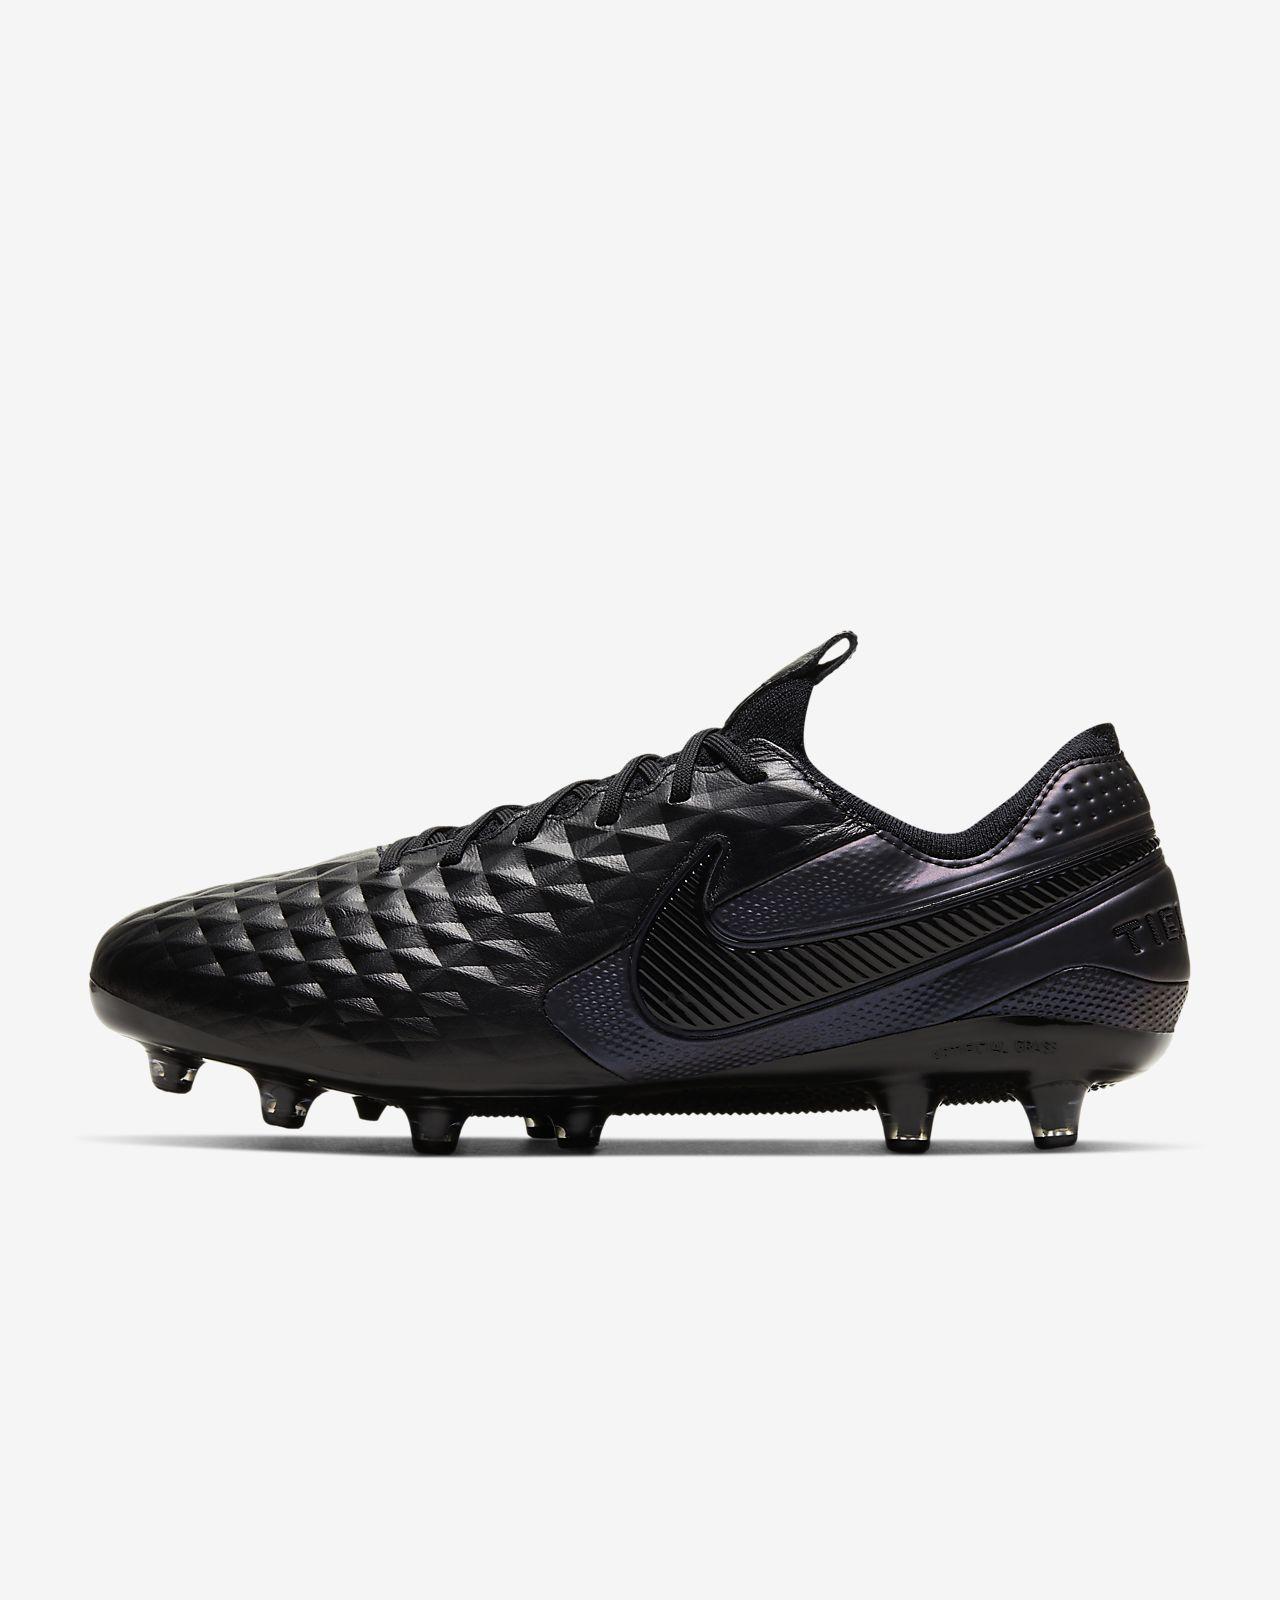 Nike Tiempo kunstgras heren maat 42,5 zwart